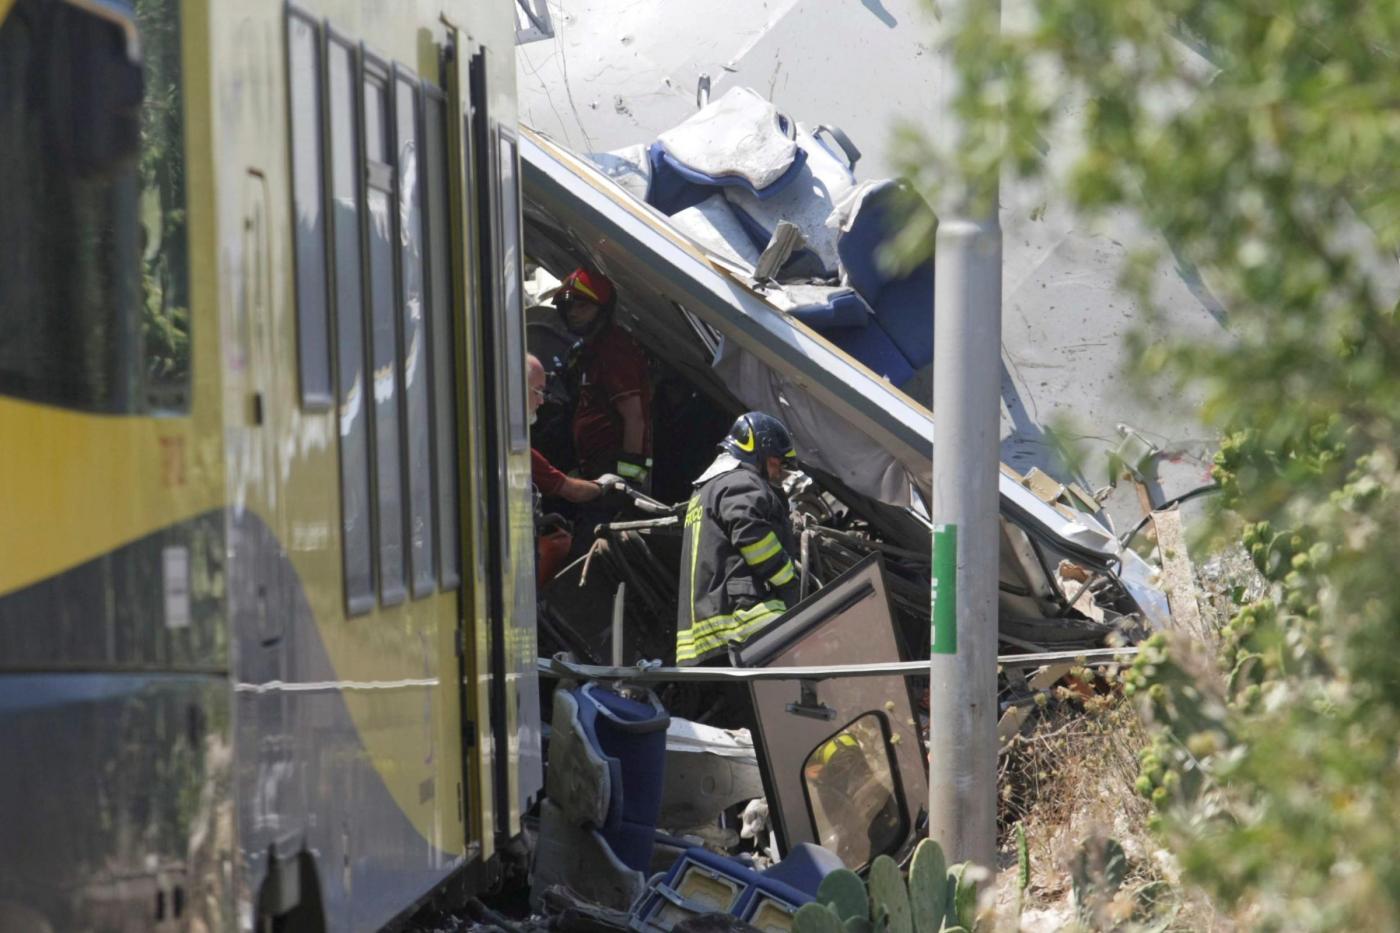 Devastante scontro frontale tra treni nei dintorni di Corato in Puglia